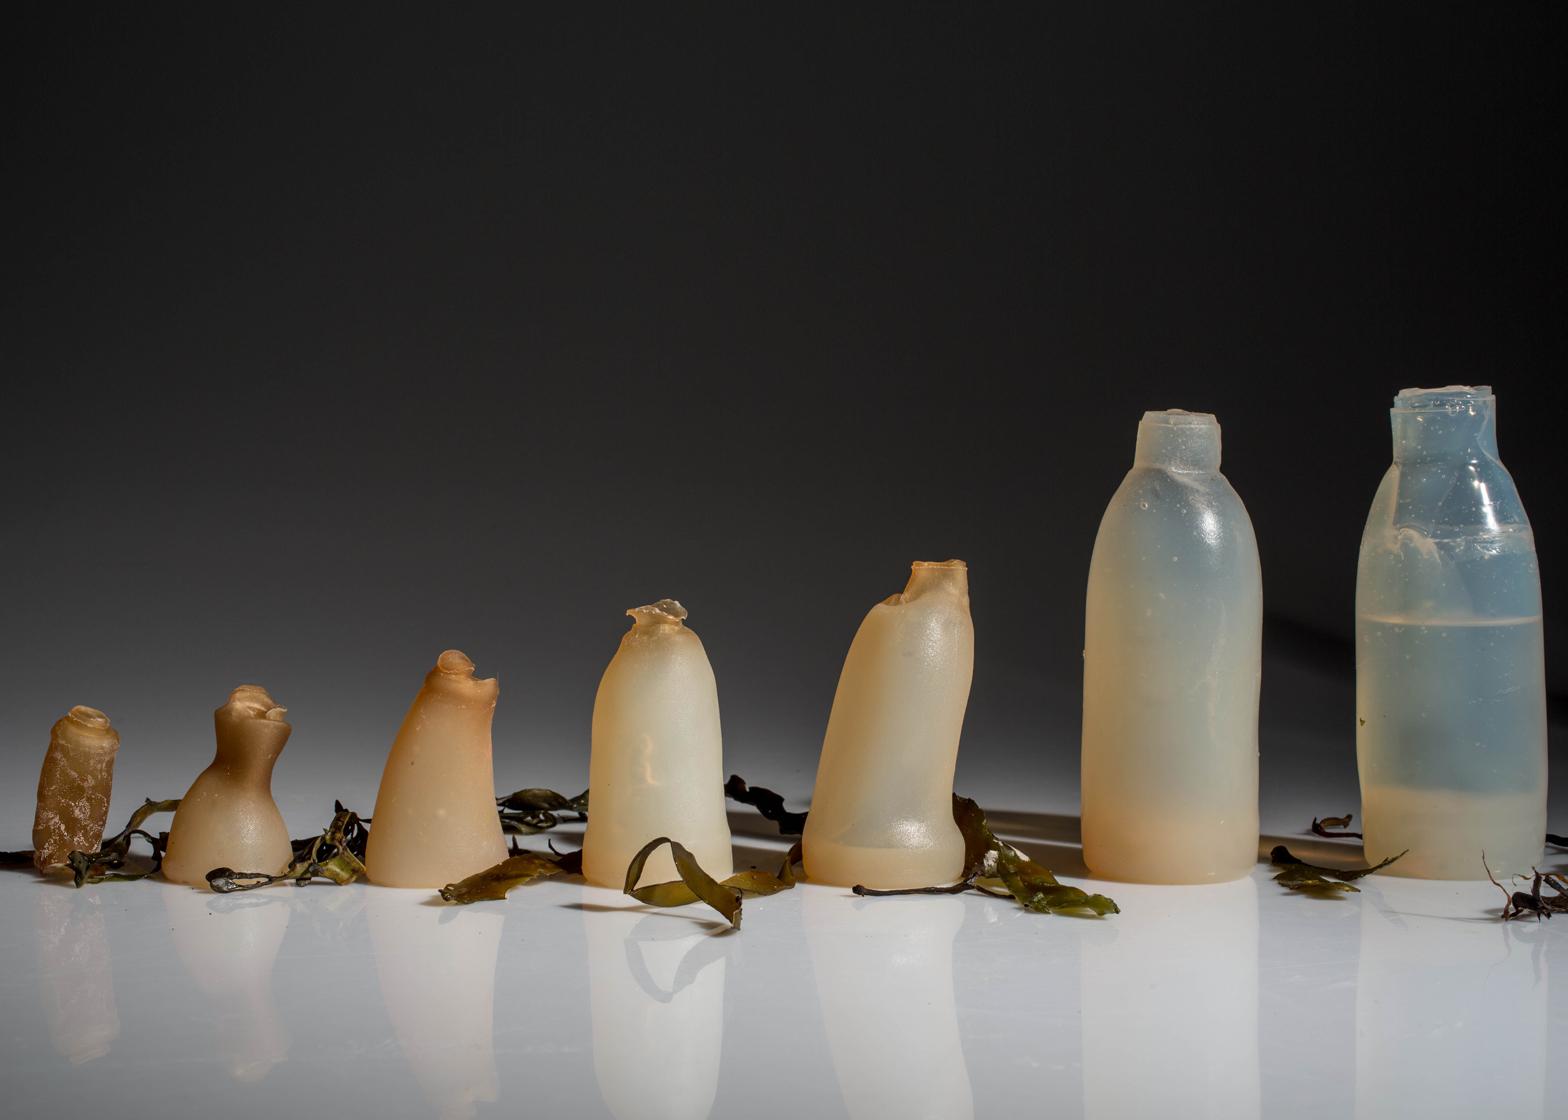 ペットボトル問題の解決策。食べられるし何度も使える藻類でできたボトルを開発(アイスランド)